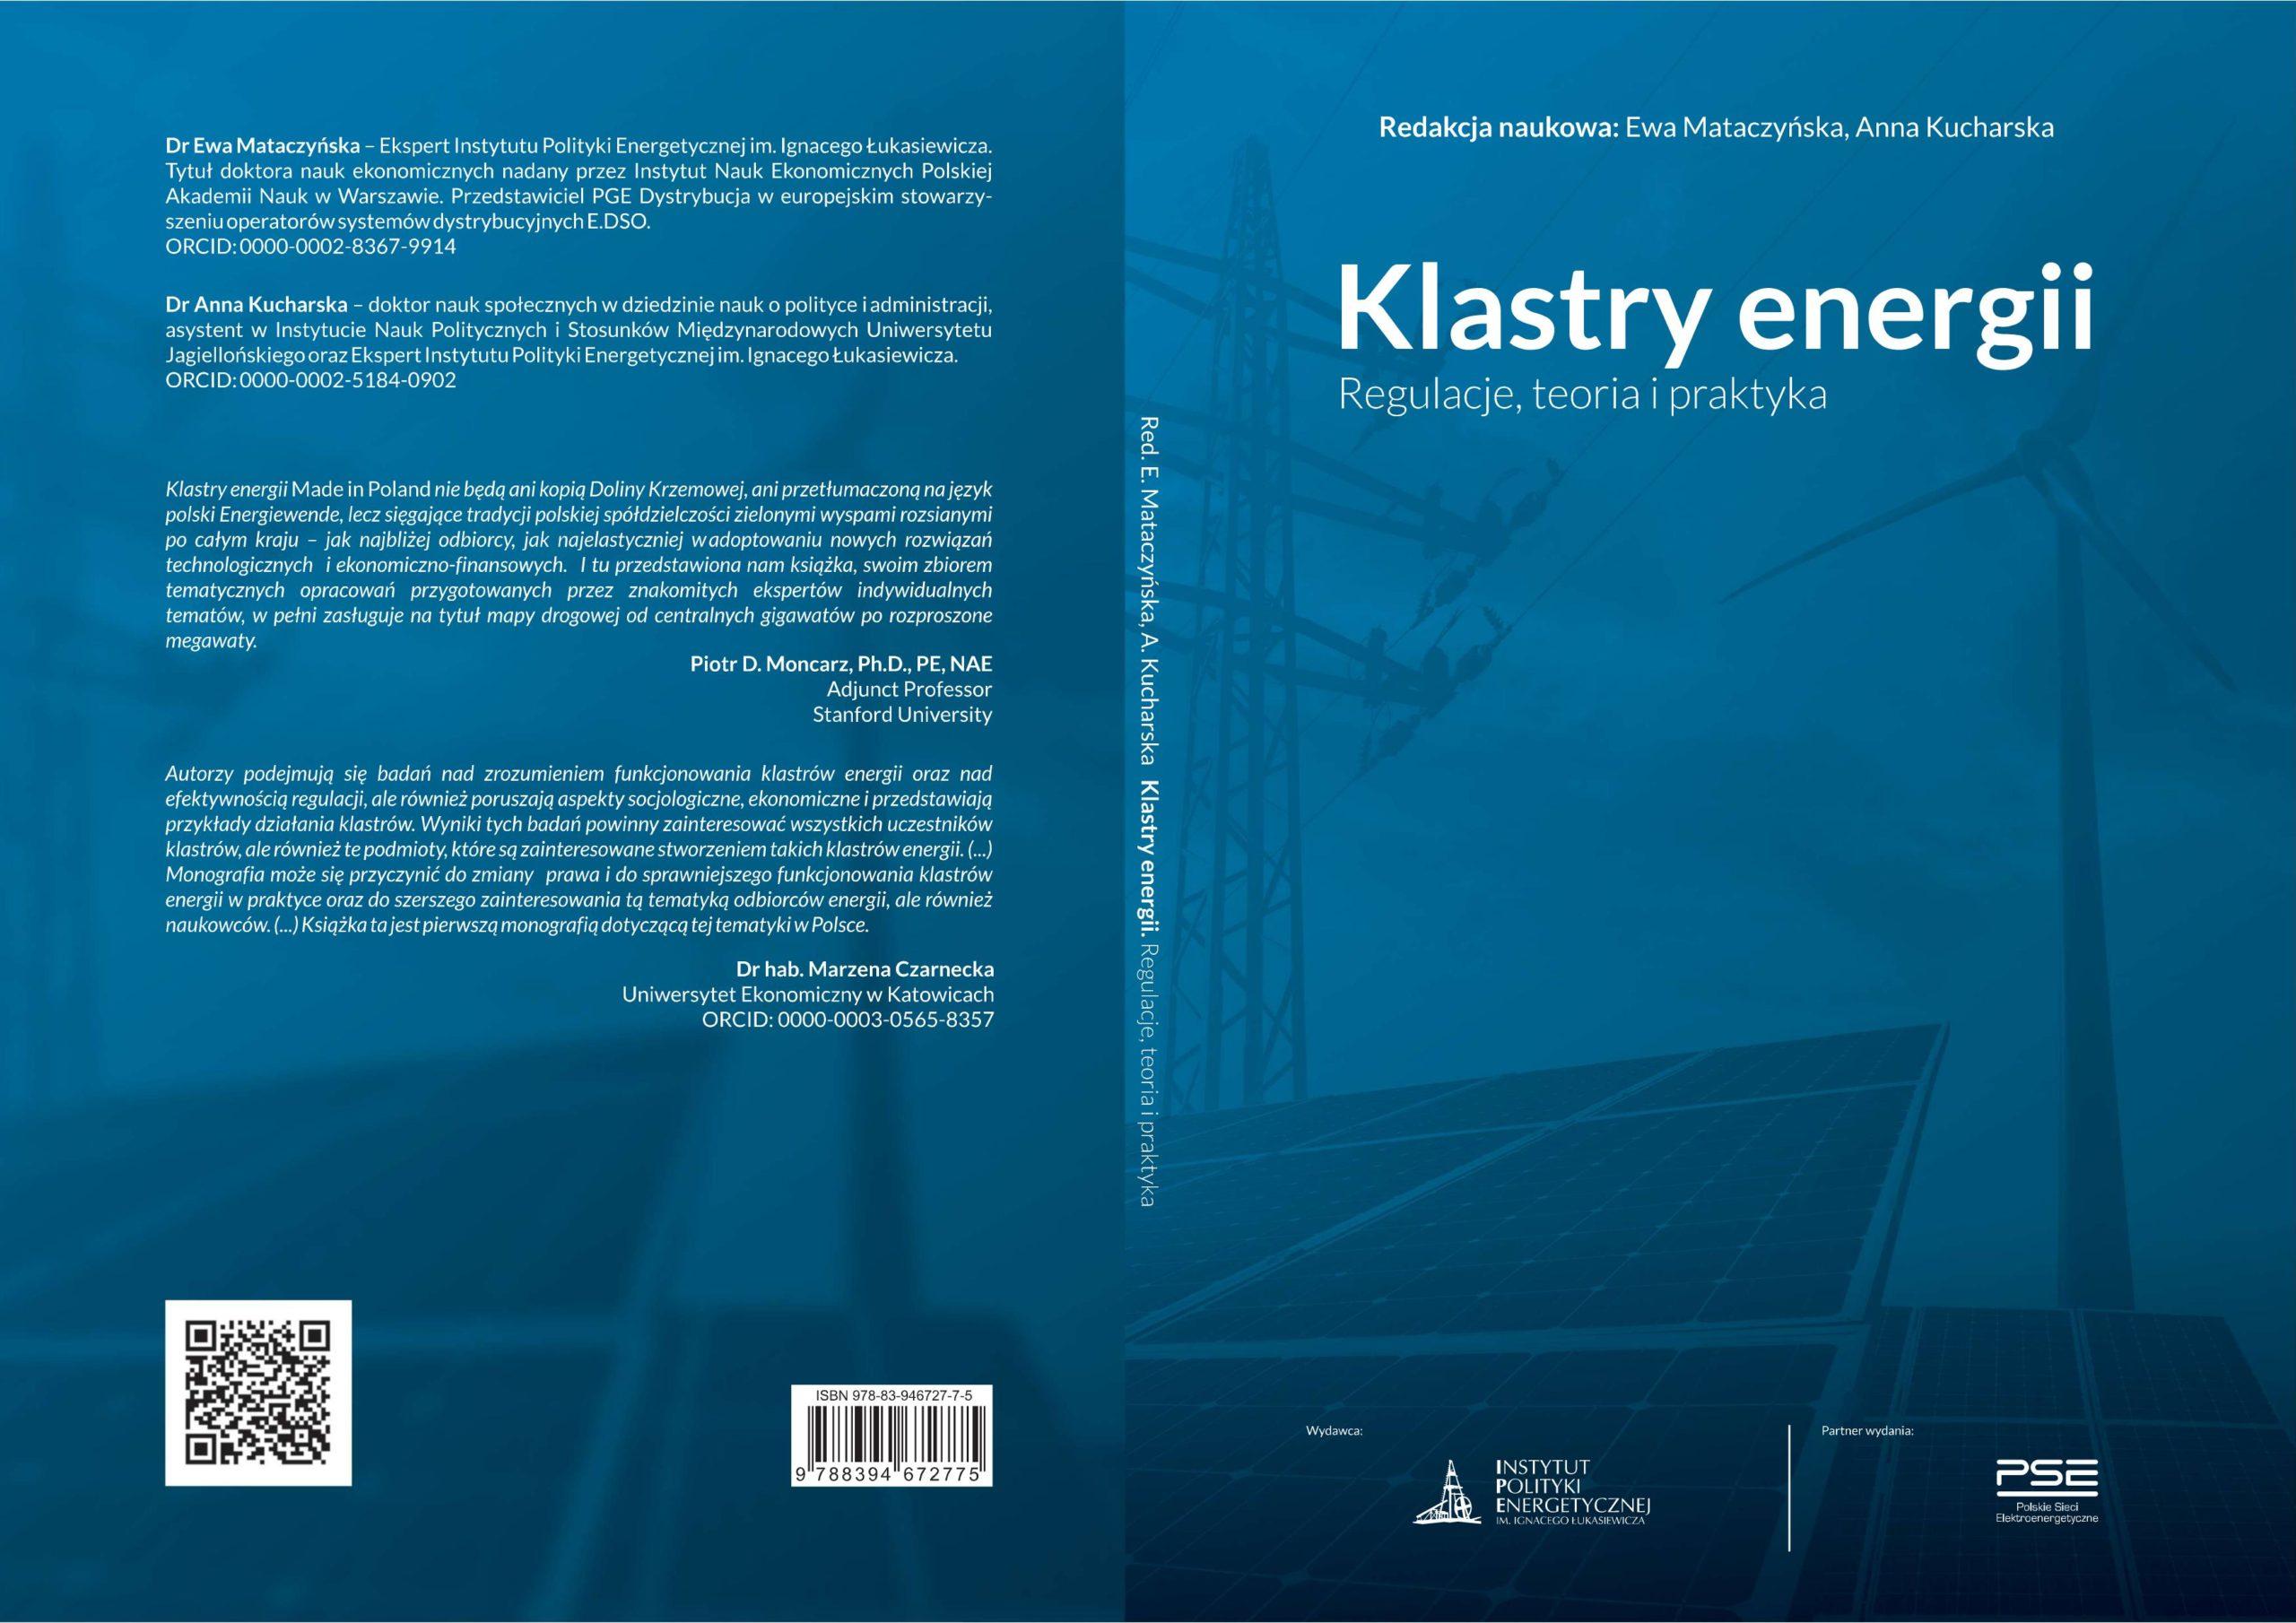 """""""Klastry energii. Regulacje, teoria i praktyka"""" (bezpłatny e-book)"""